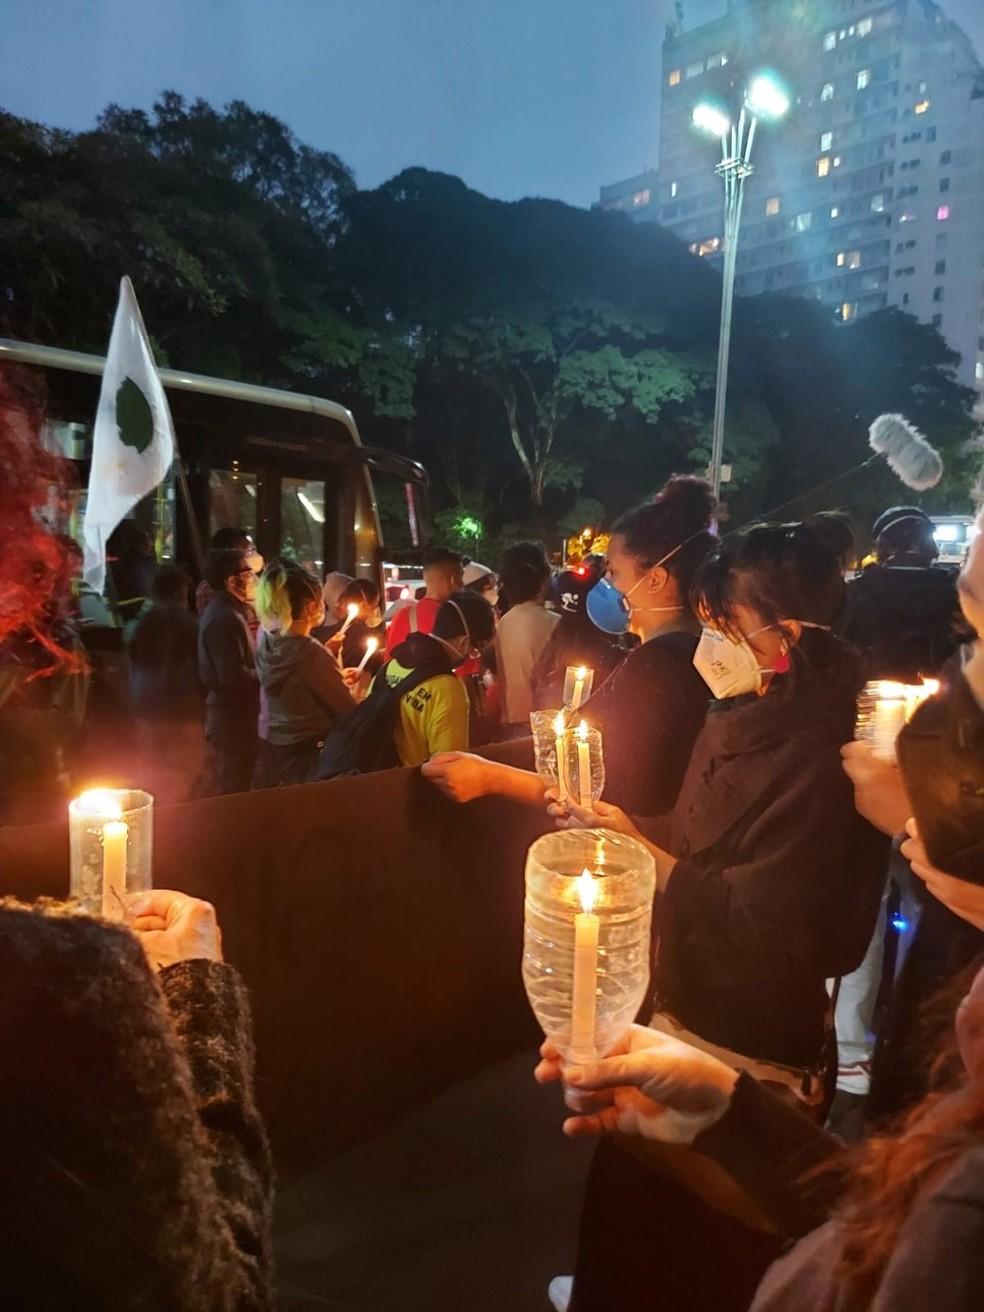 Vigília contra o assassinato de pessoas negras na Avenida Paulista nesta sexta-feira (11).  (Foto: Divulgação/Coalizão Negra por Direitos)